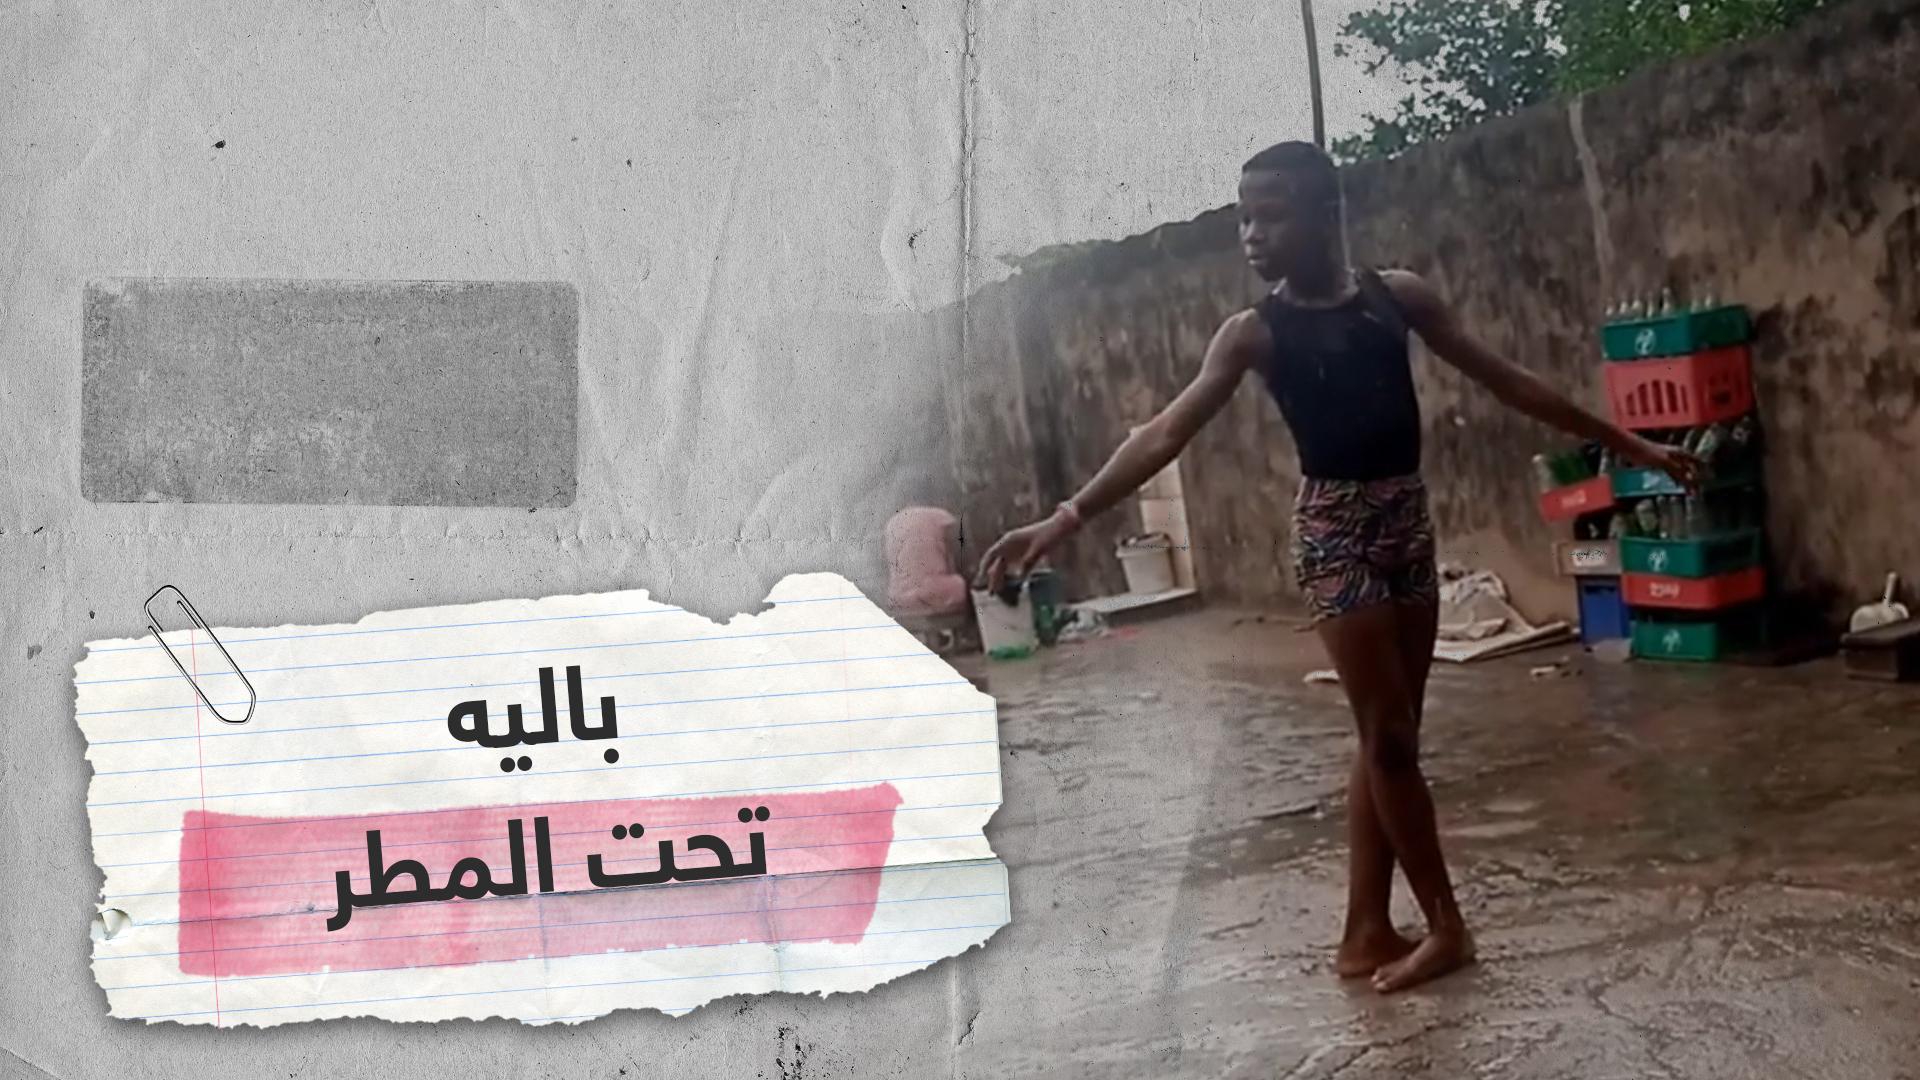 فتى نيجيري يرقص الباليه حافي القدمين وتحت المطر!